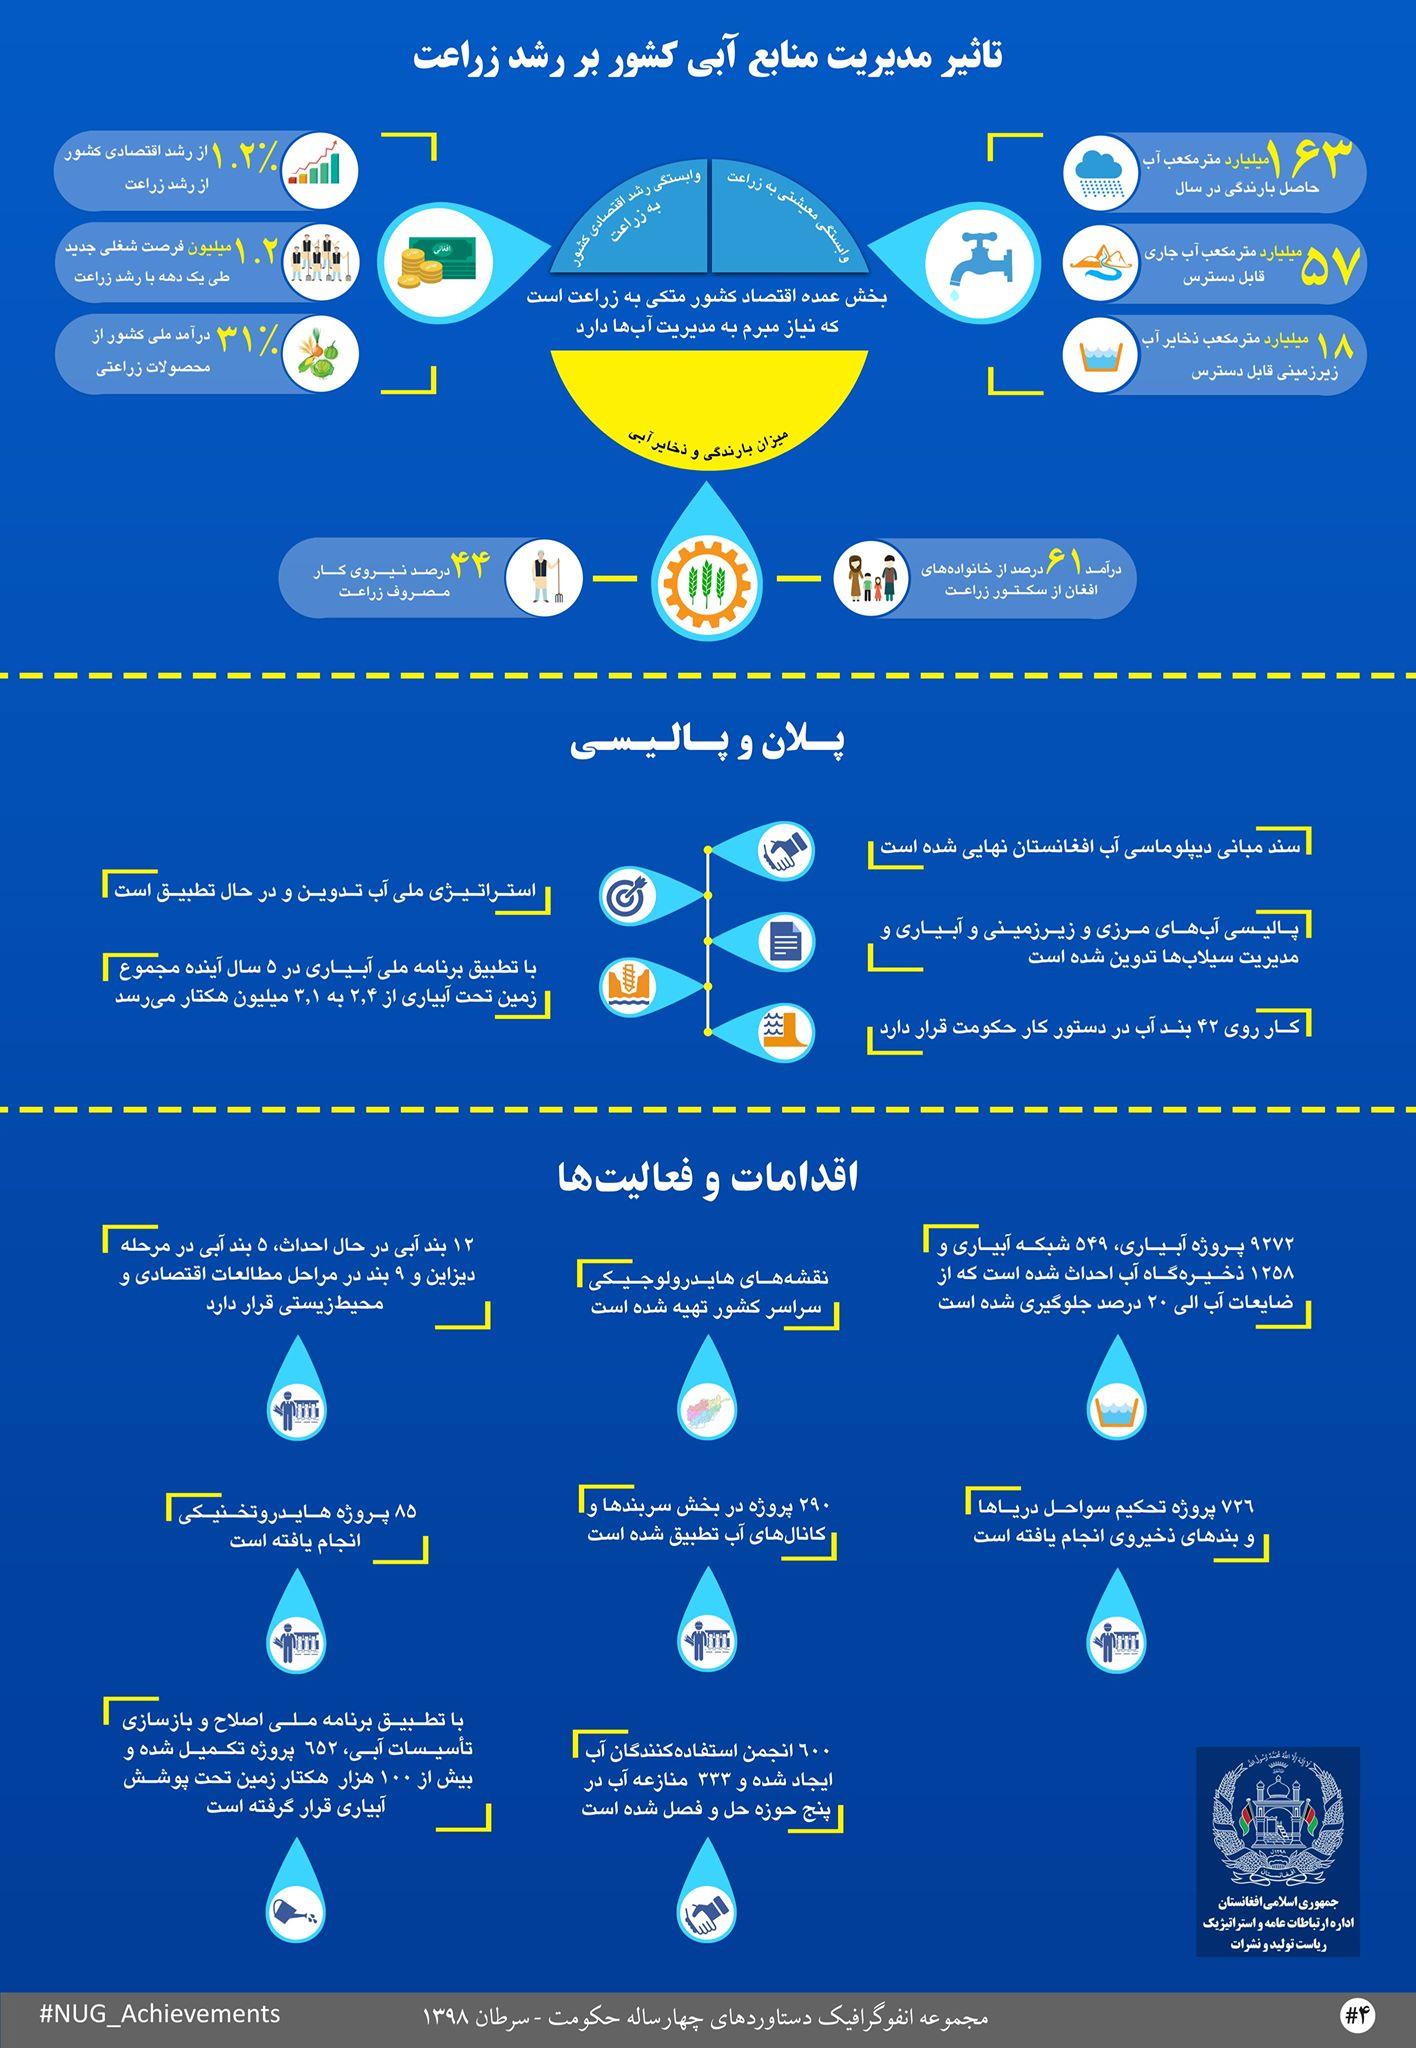 دستاوردهای حکومت وحدت ملی در عرصۀ مدیریت آب ها